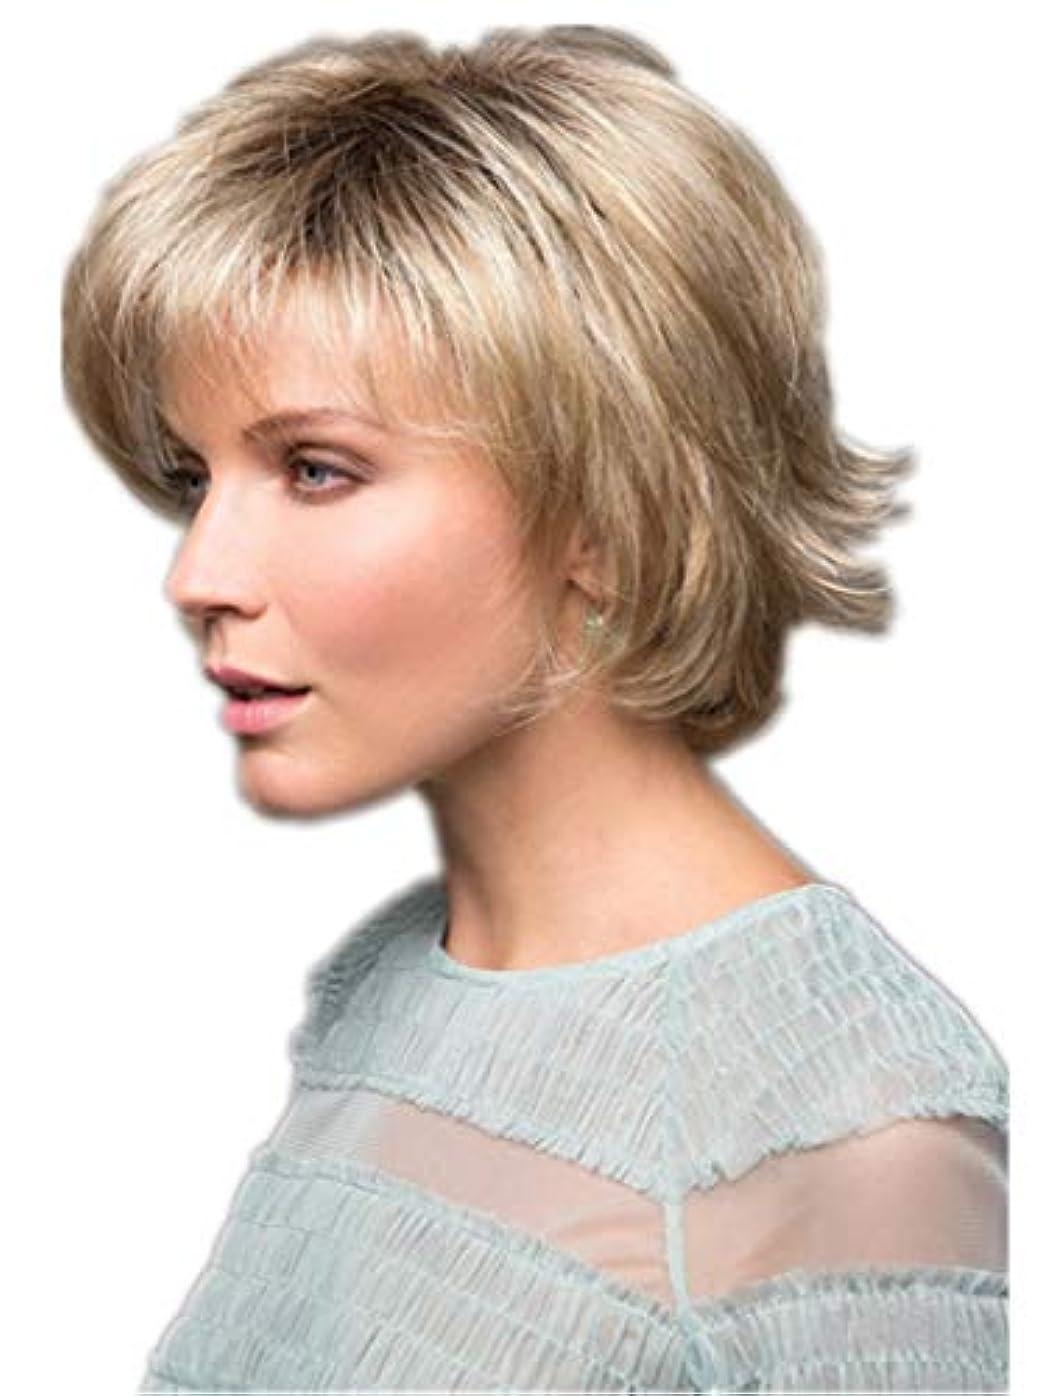 不毛ほかに止まるWASAIO 自然な金髪の短い巻き毛ボブスタイルのかつら25cm (色 : Blonde)